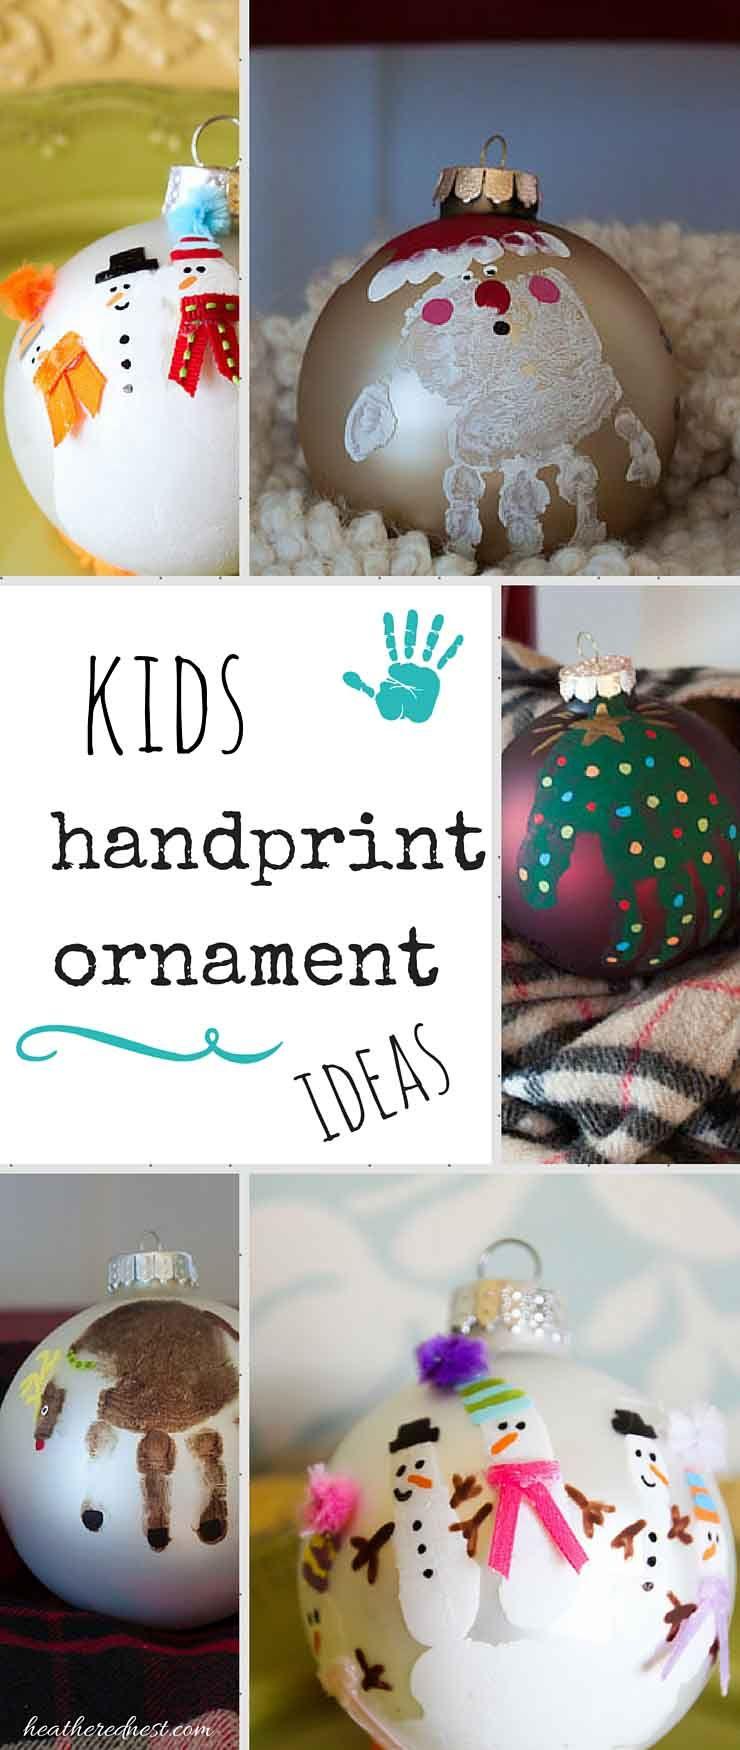 Christmas decorations you can make yourself - Diy Handprint Christmas Ornament Ideas So Easy So Precious Heatherednest Com